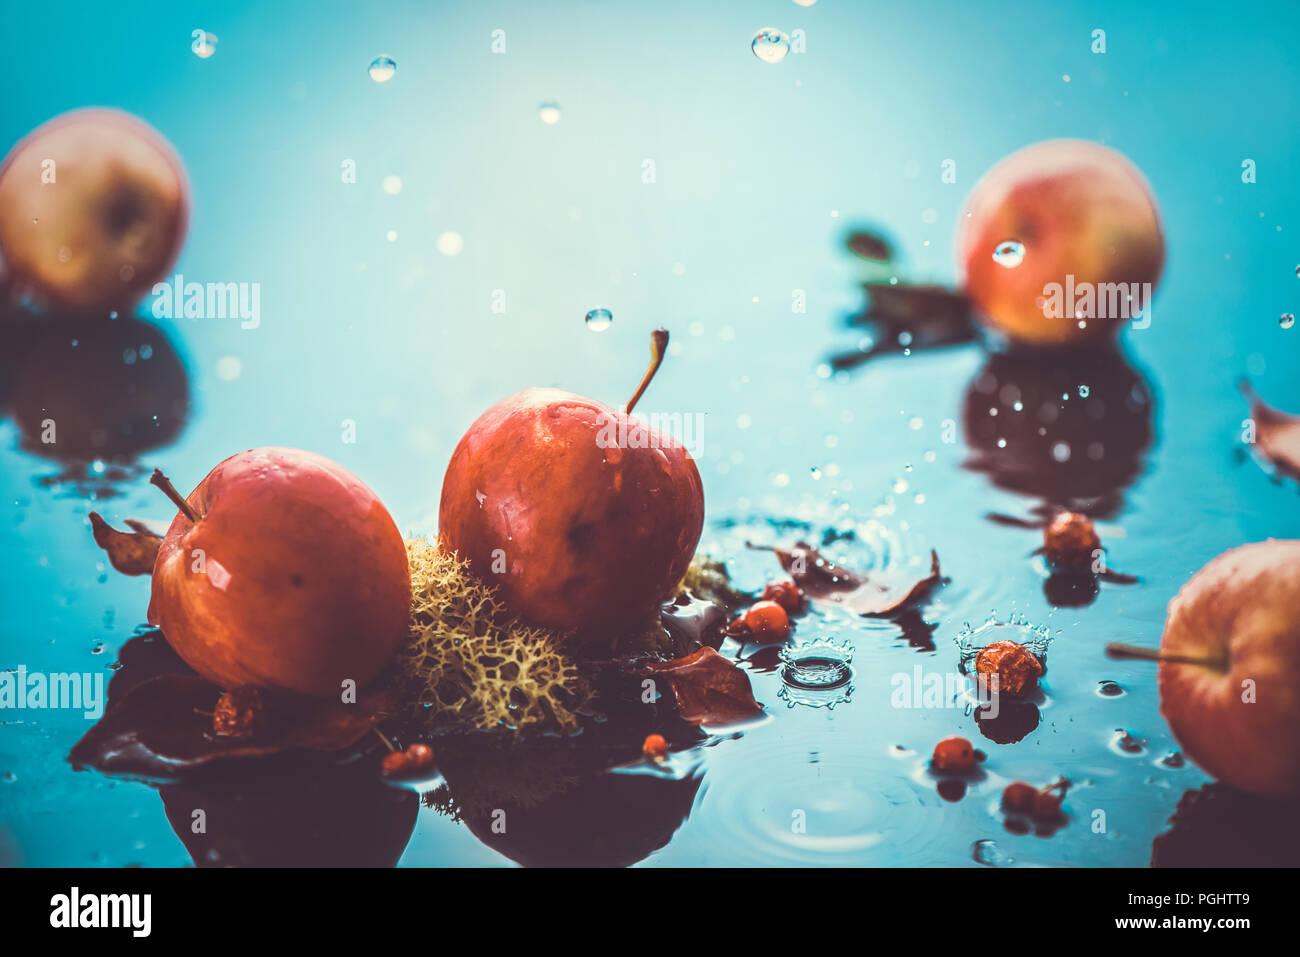 In autunno le mele sotto la pioggia ancora in vita. La raccolta autunnale testata con gocce di acqua e copia dello spazio. Rosso ranet piccole mele e caduta foglie. Croce effetto di processo Immagini Stock